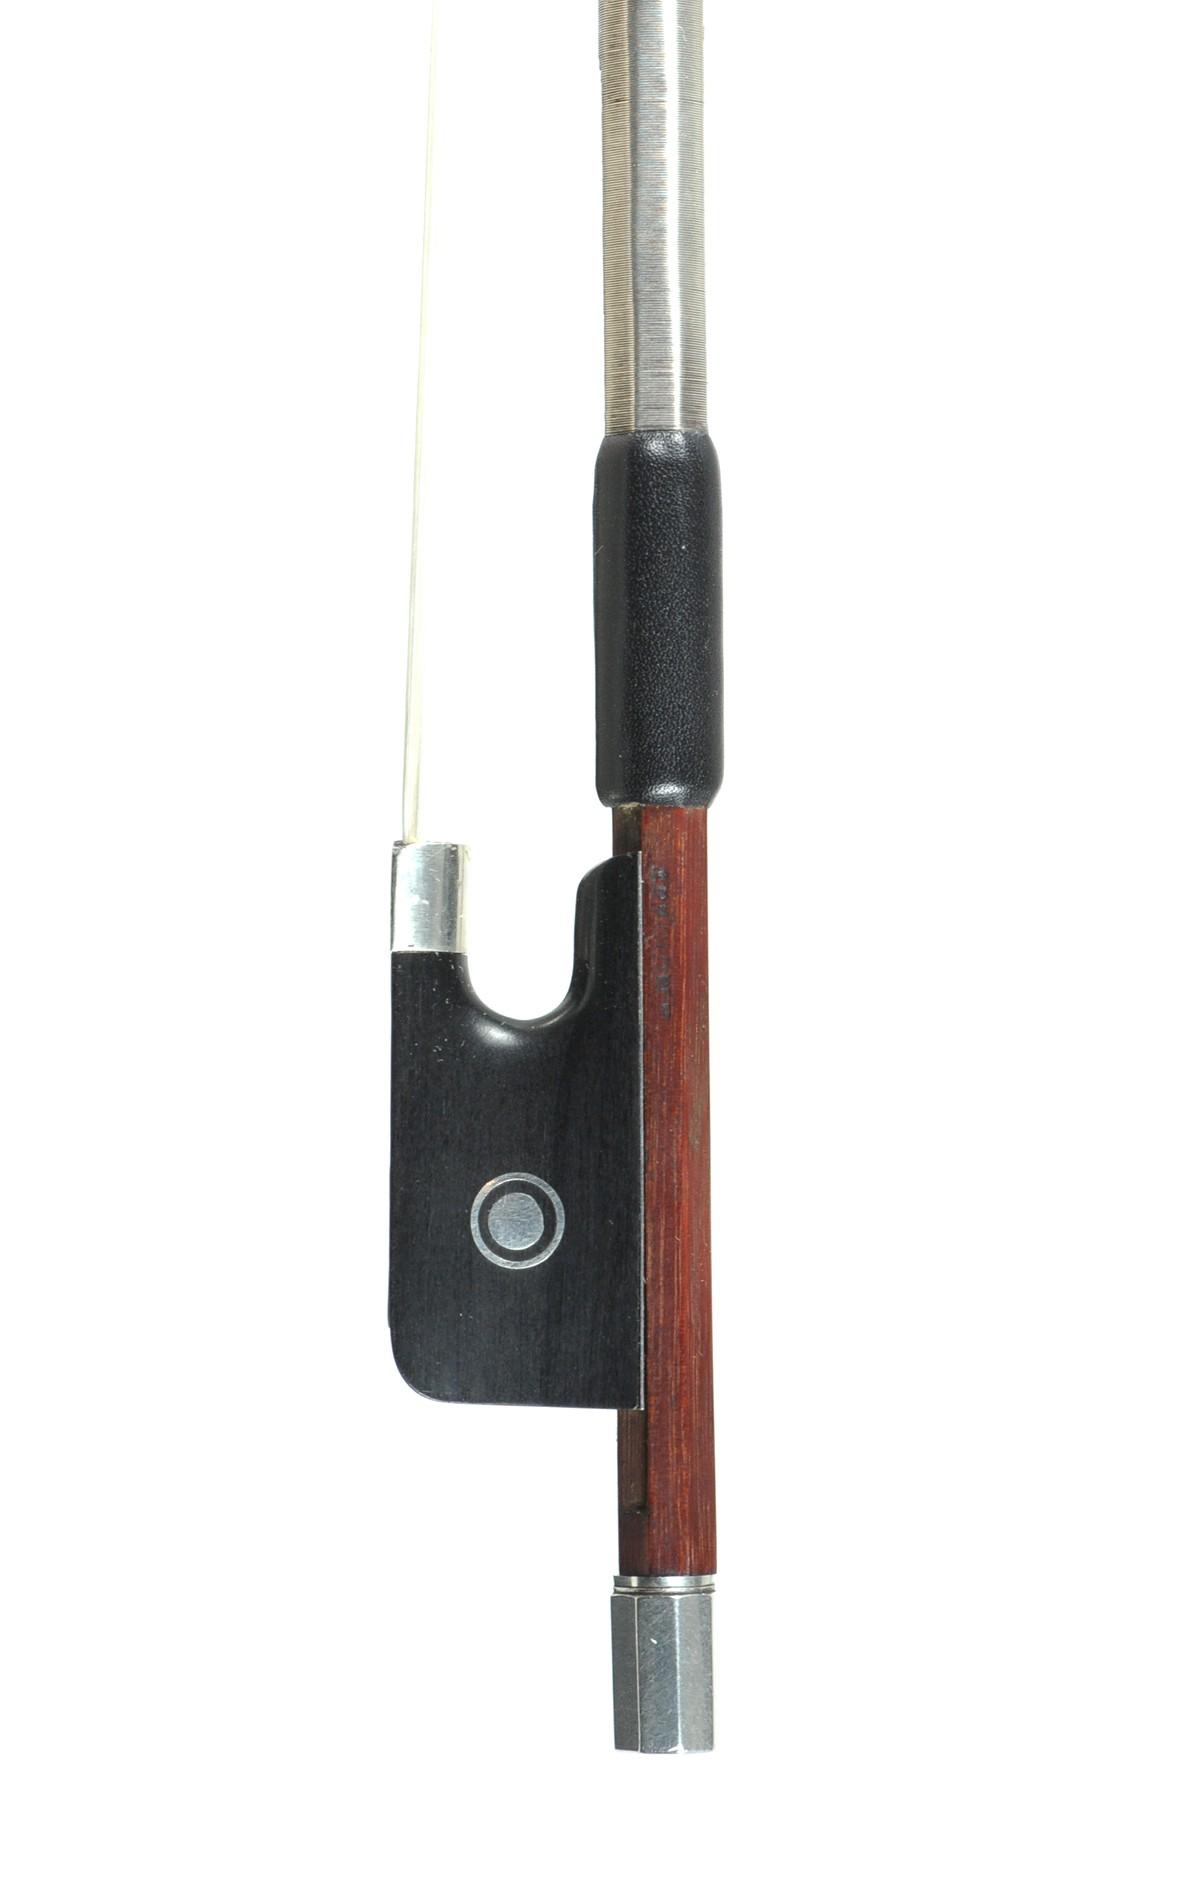 L. Morizot freres violin bow, approx. 1950 - frog